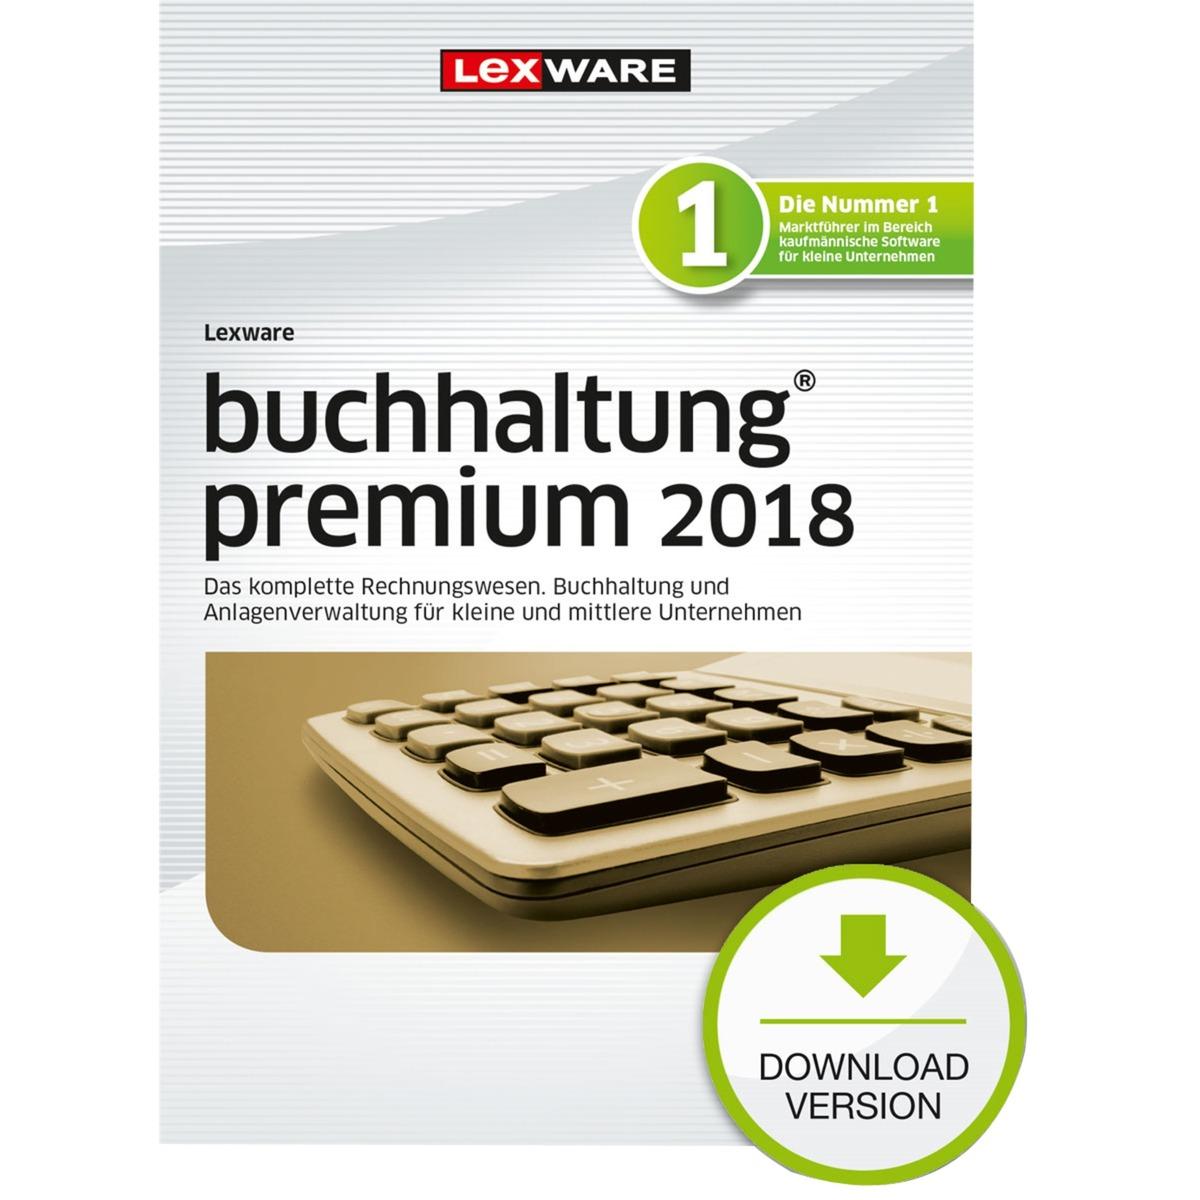 Buchhaltung Premium 2018, Finanz-Software